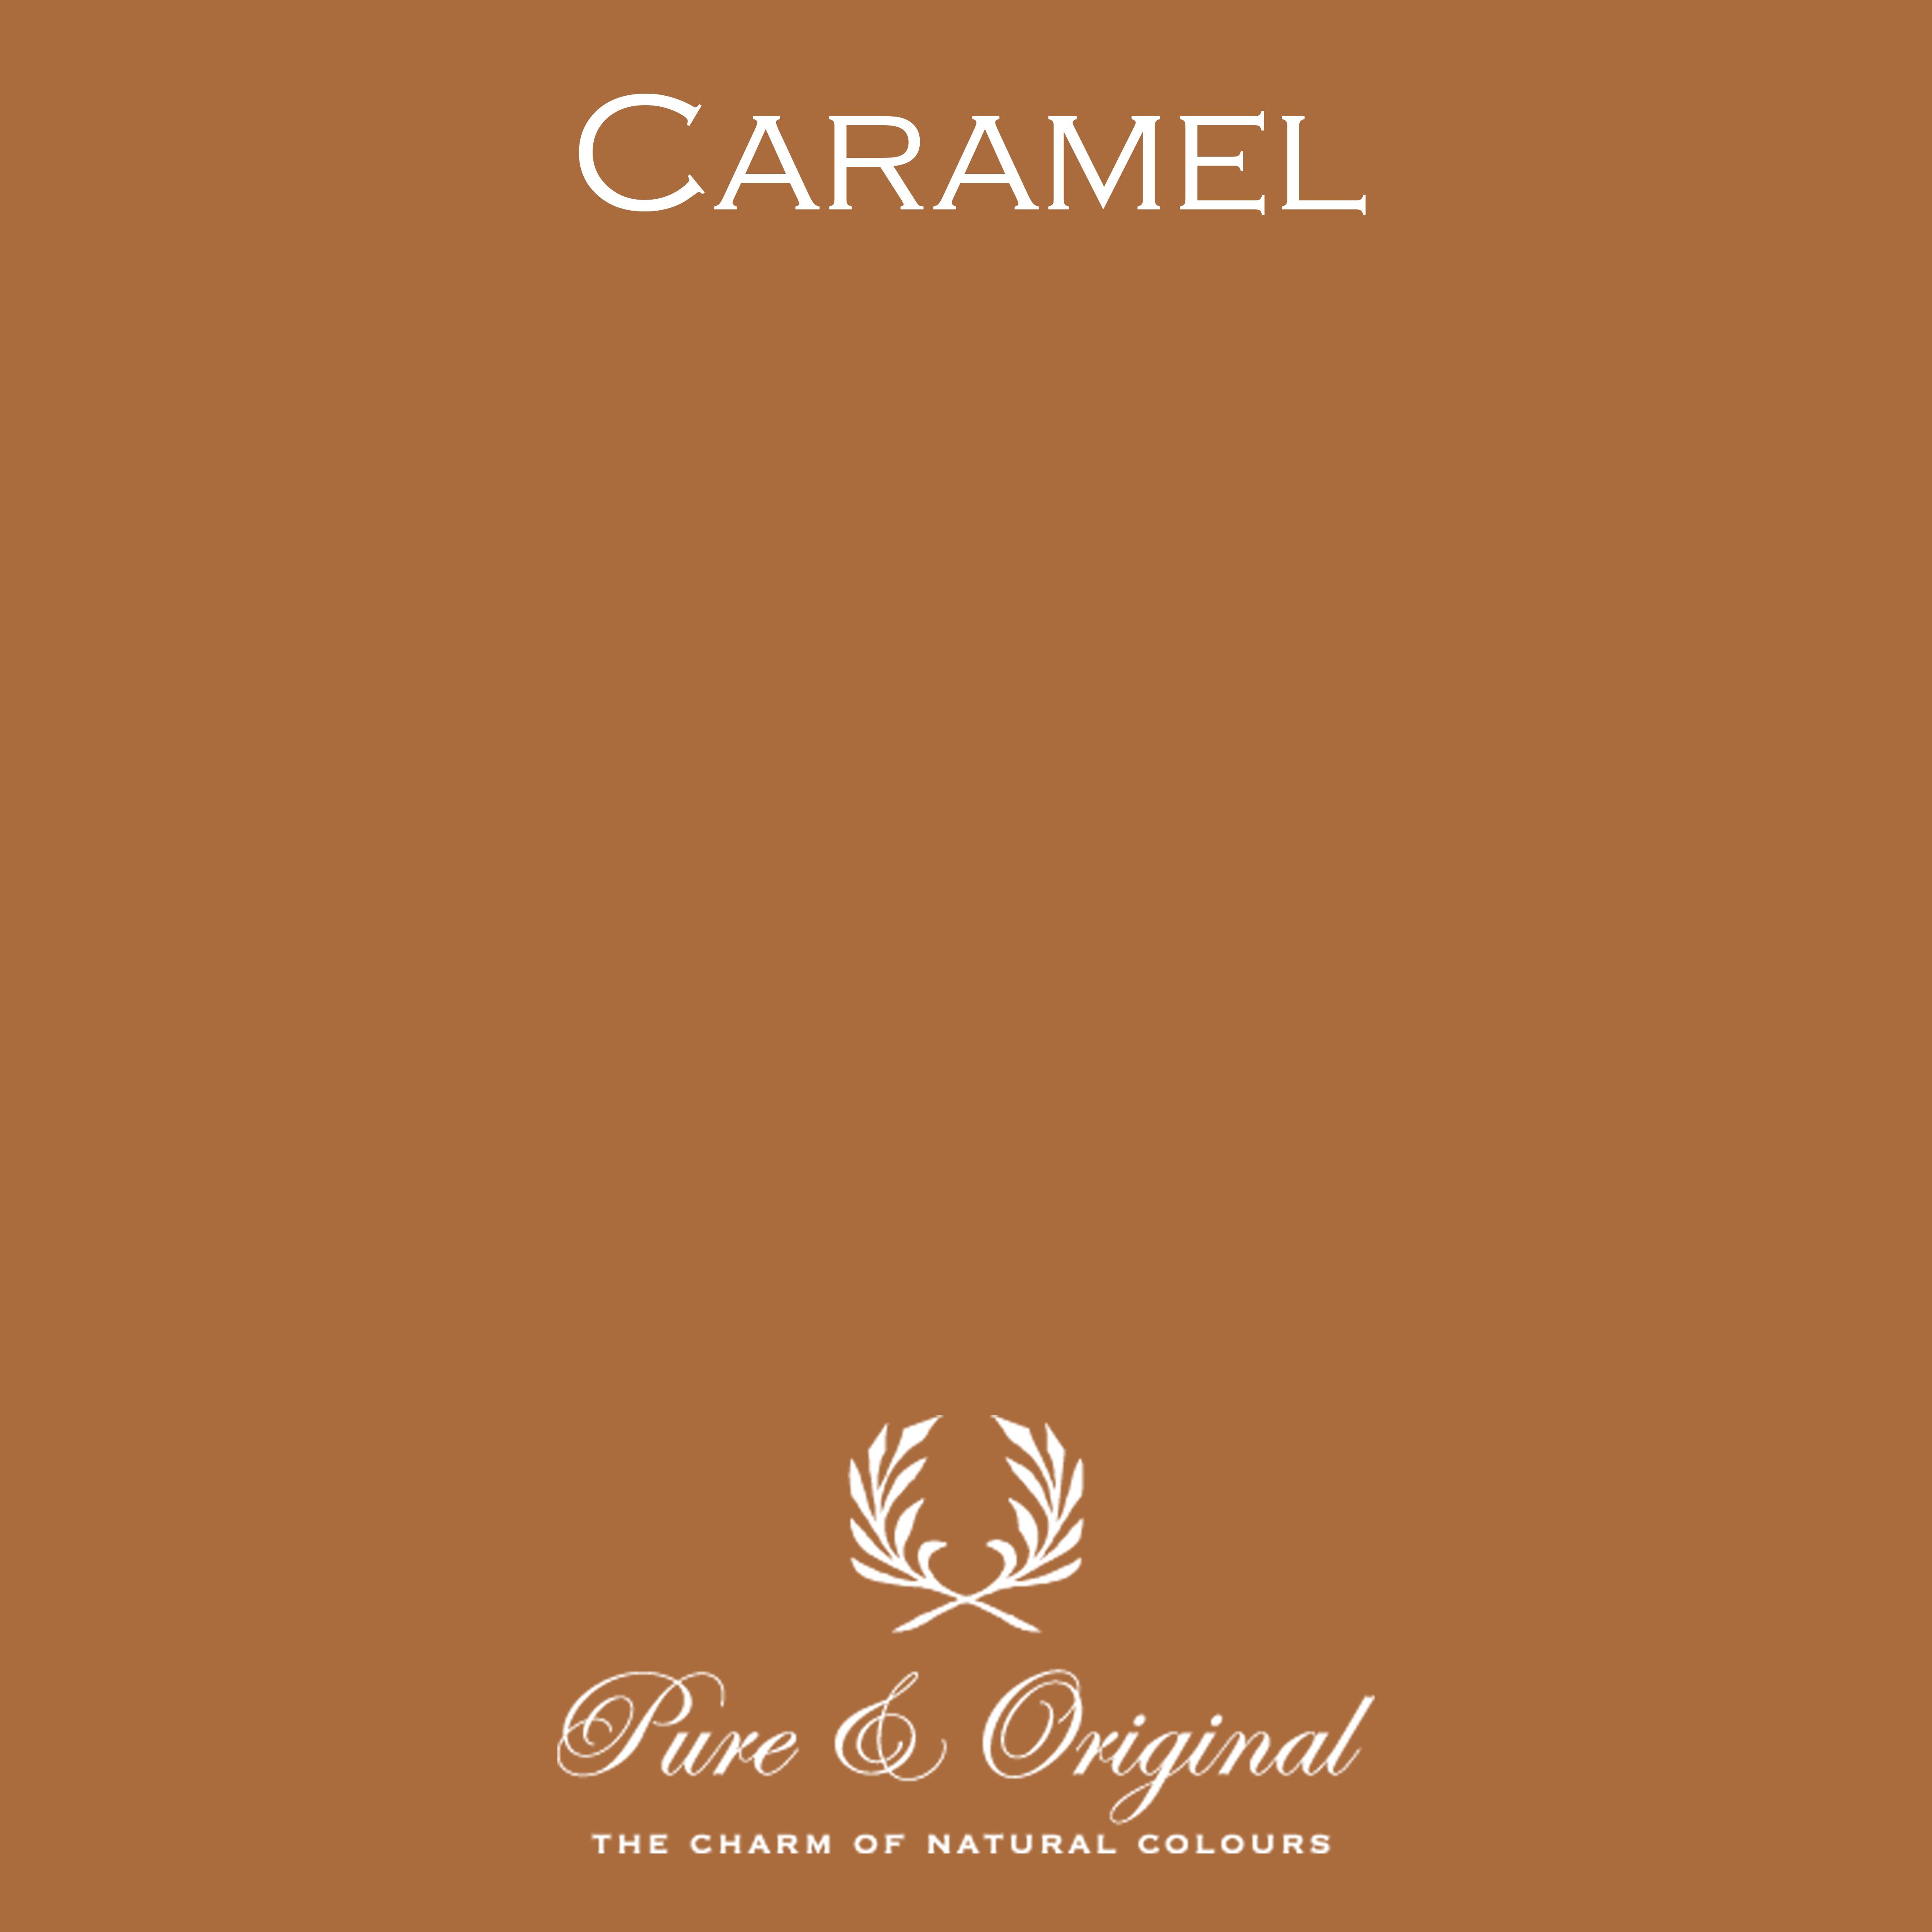 Kulör Caramel, Classico kritfärg